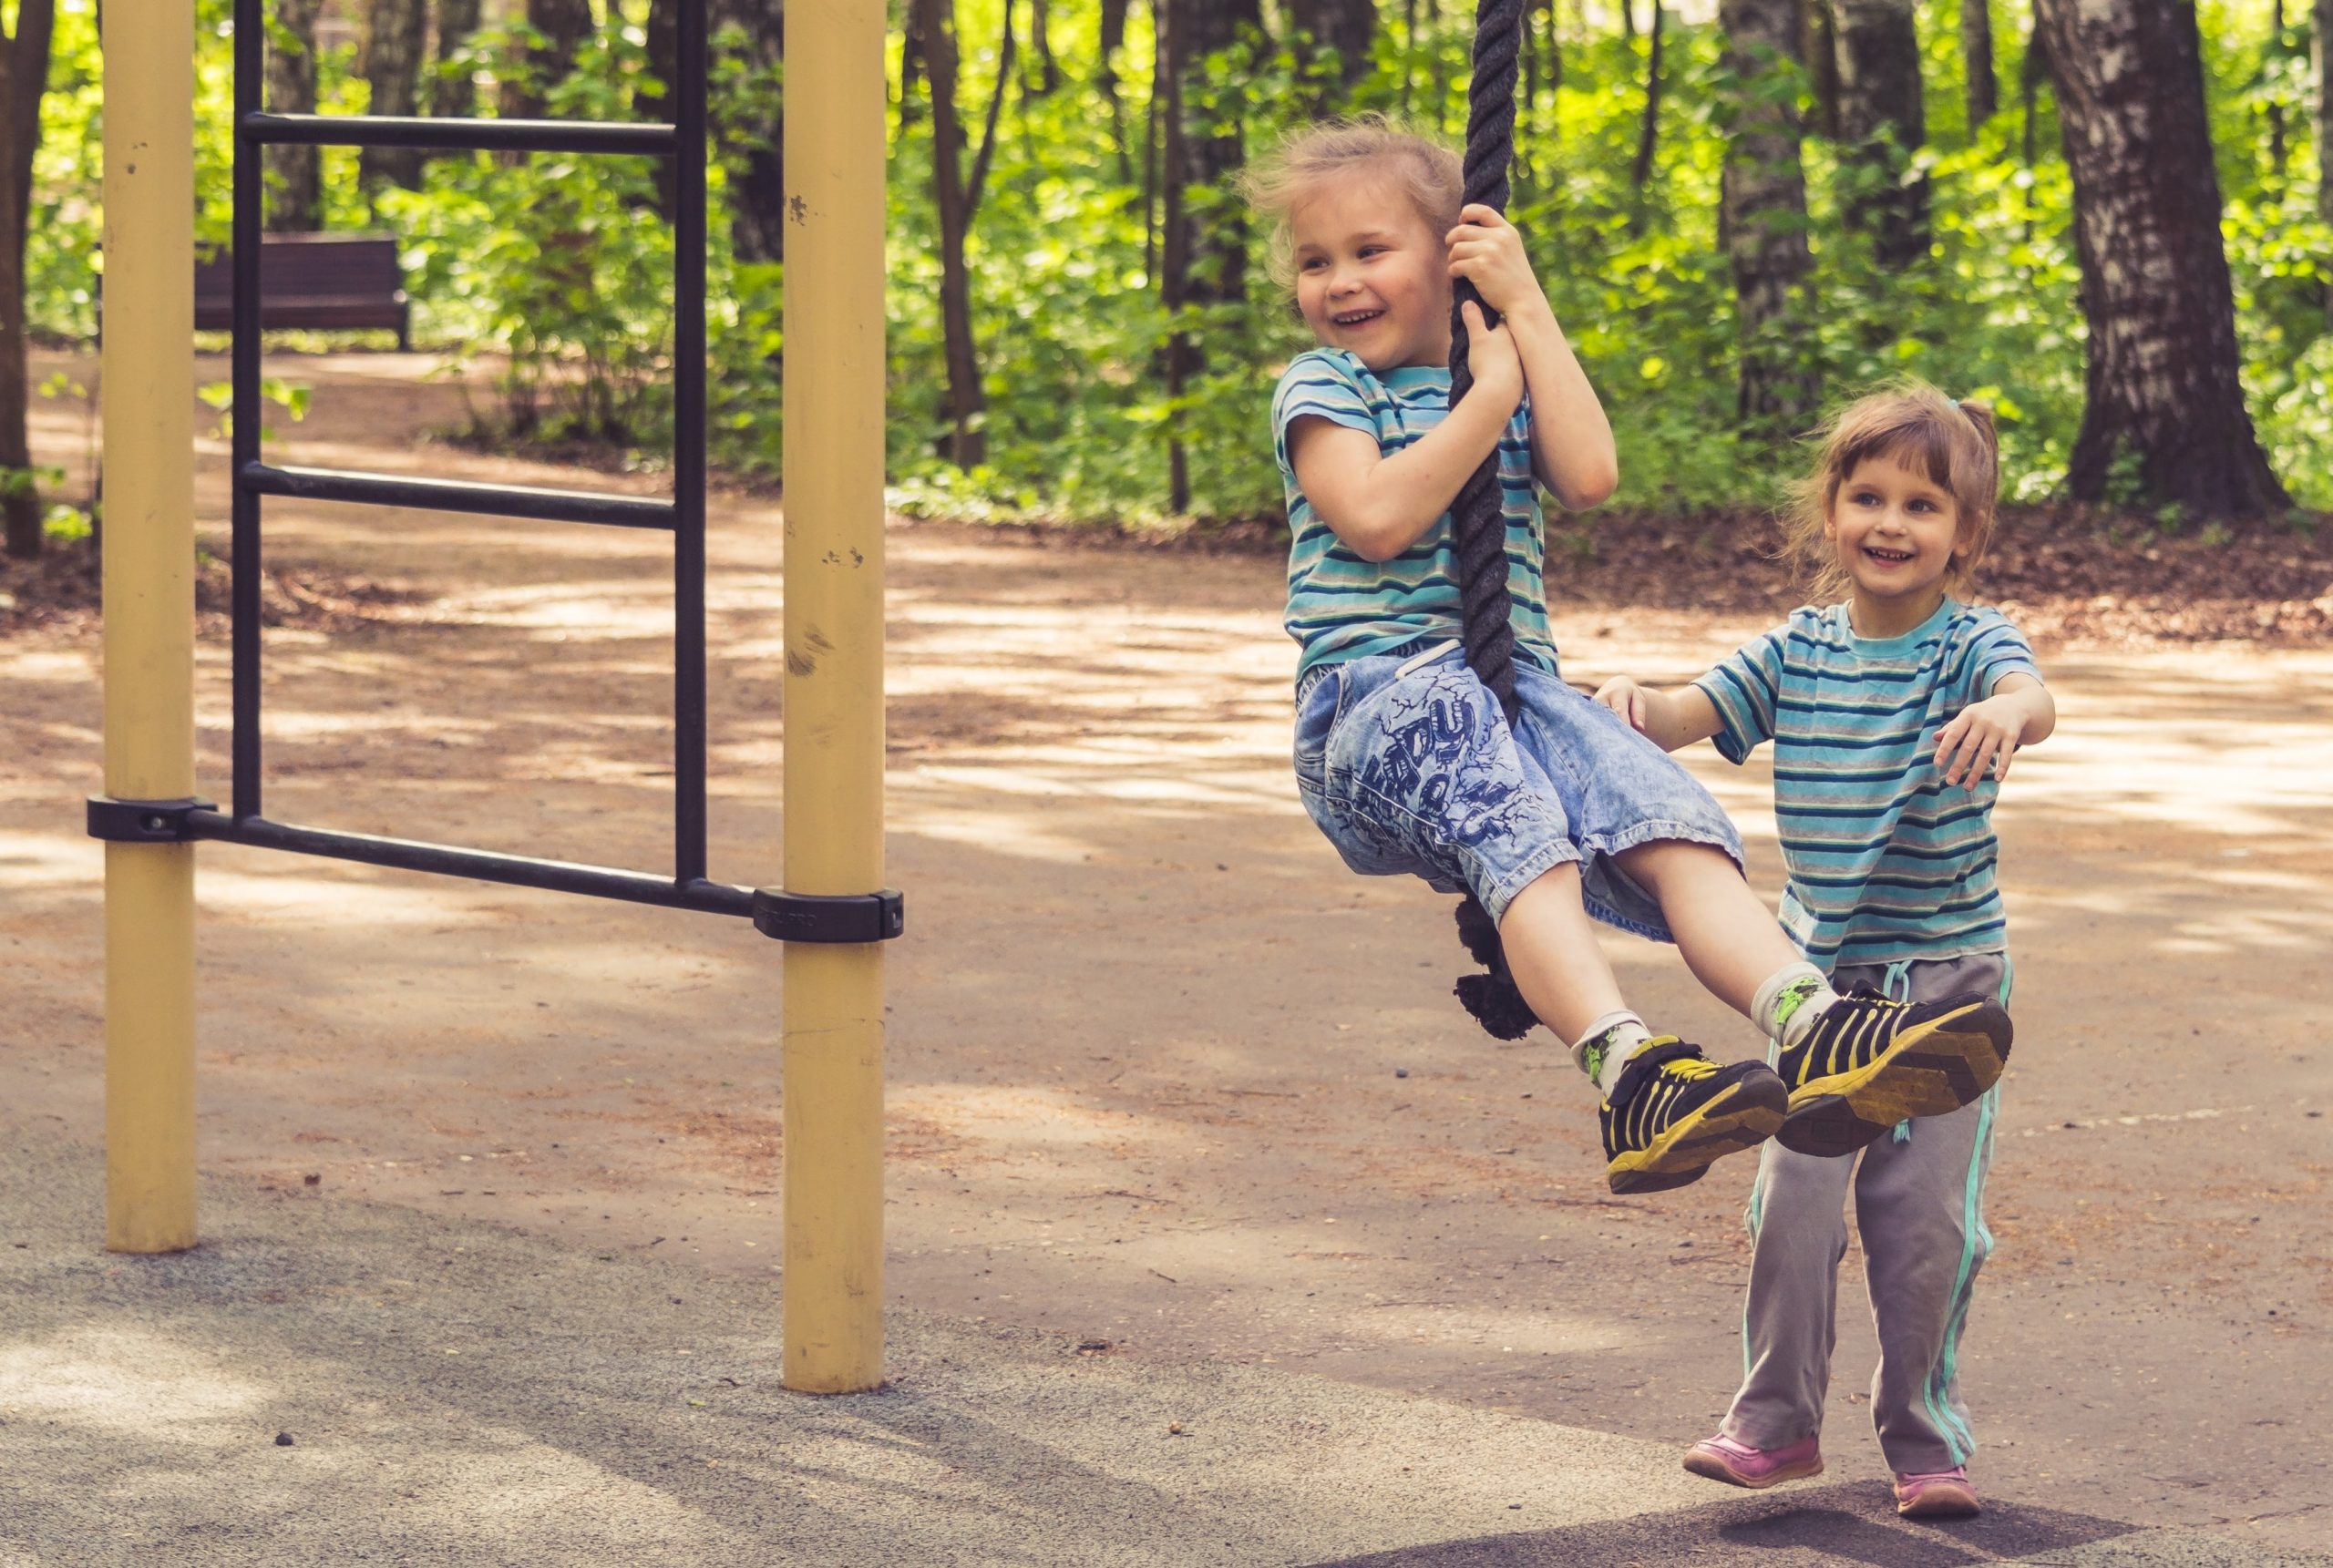 óvodai udvari játékok és két kislány